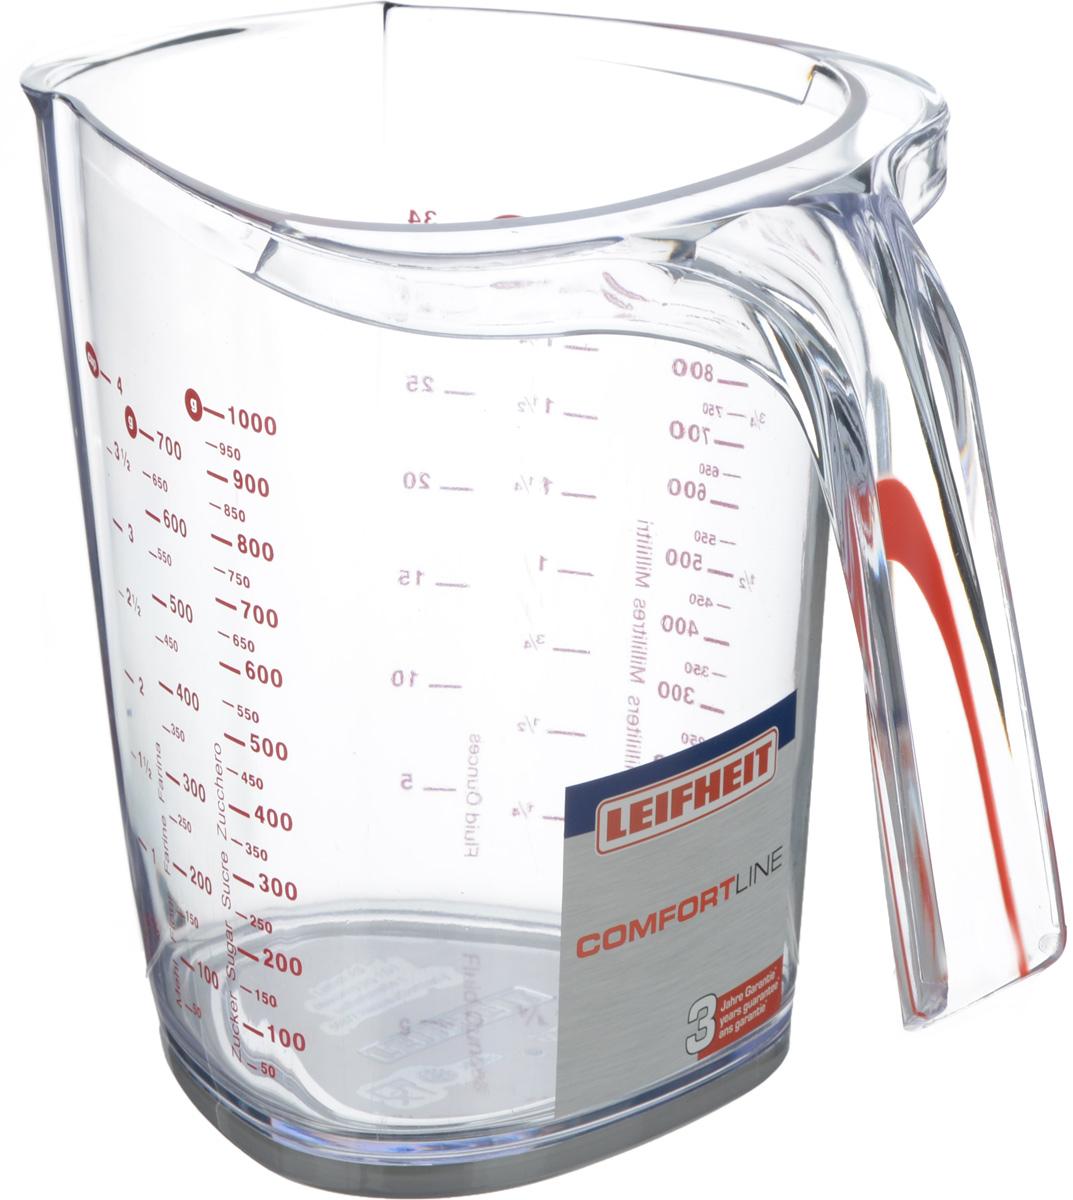 Кружка мерная Leifheit Comfortline, цвет: прозрачный, красный, 1 л03048Мерная кружка Leifheit Comfortline, выполненная из ударопрочного пластика, поможет дозировать любые продукты и вещества. Устойчива к механическим повреждениям и агрессивным средам. На стенке кружки имеются отдельные мерные шкалы для различных продуктов. Изделие устойчиво благодаря прорезиненному основанию. Размер кружки (по верхнему краю): 14,5 х 13,2 см. Высота кружки: 15,8 см.